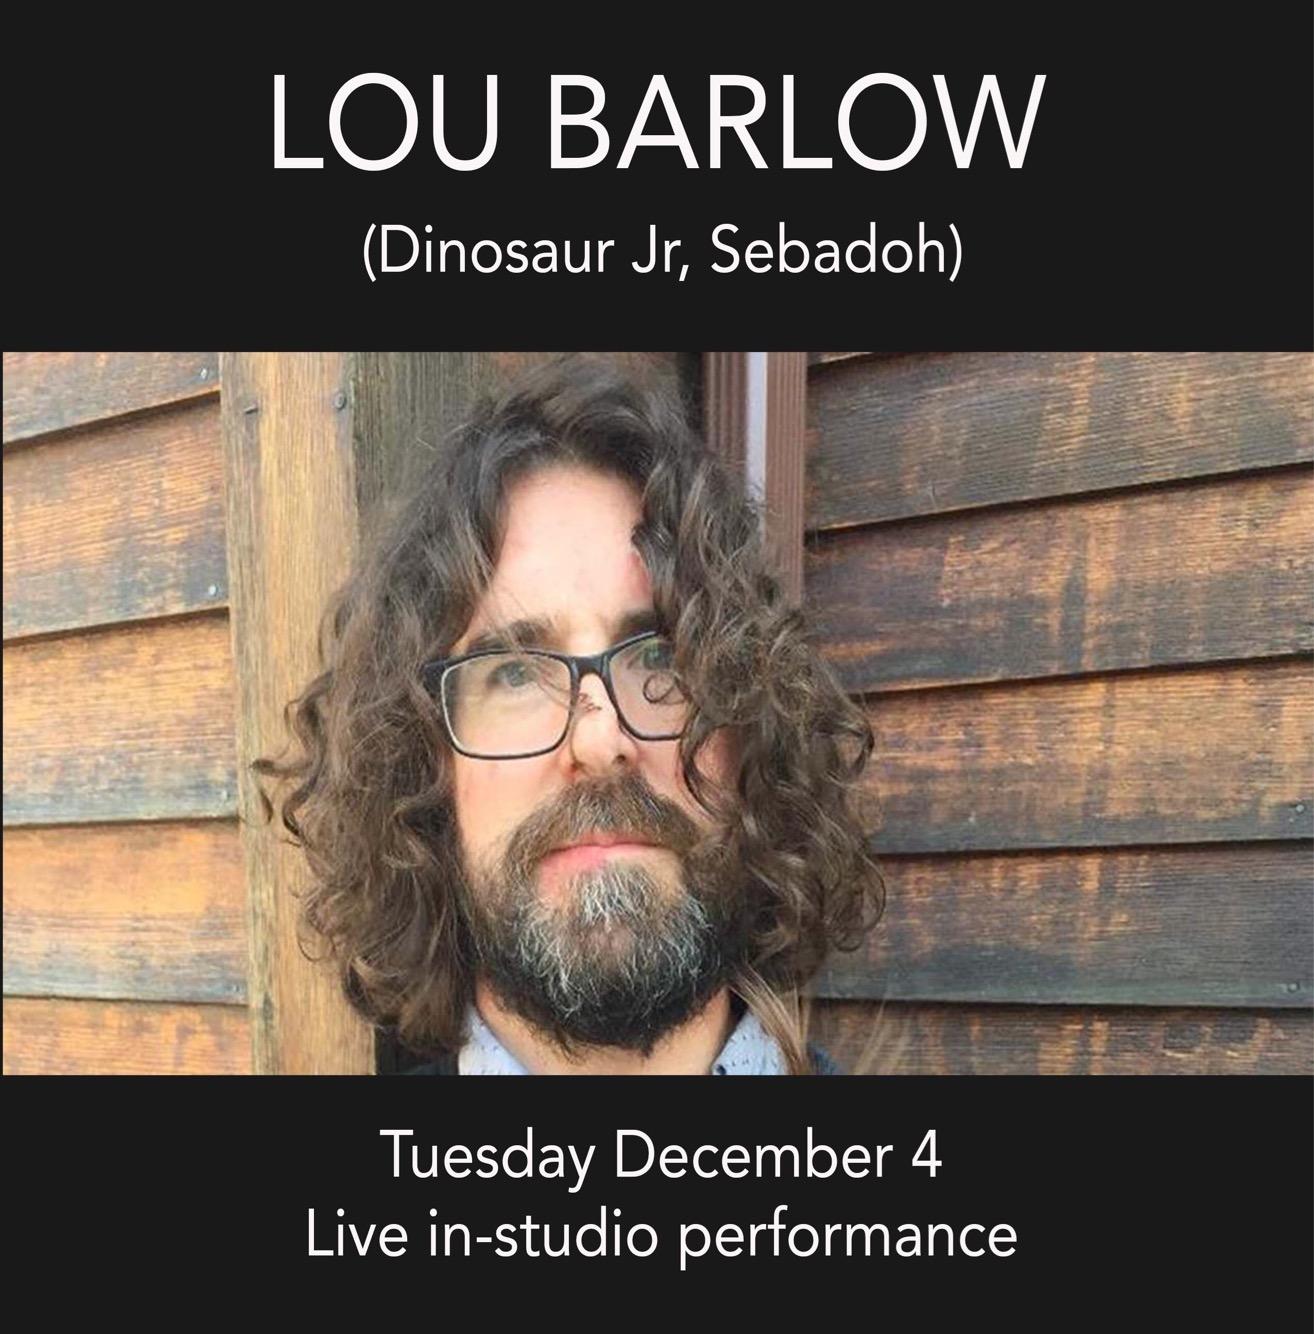 IMG_0888 Lou Barlow.jpg